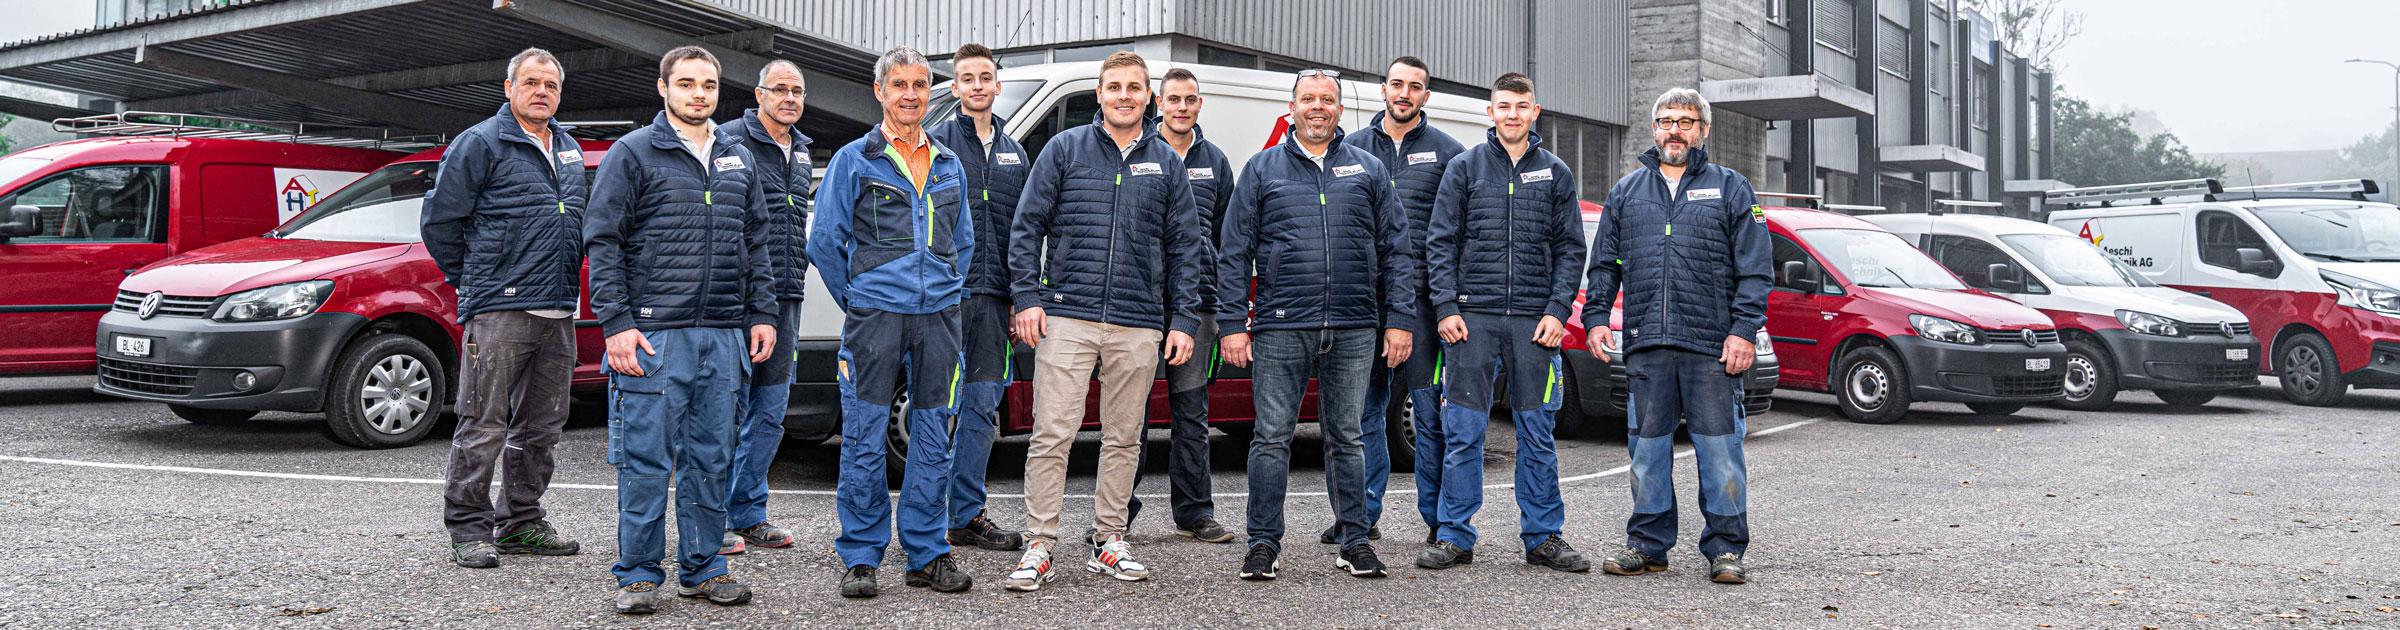 Aeschi Haustechnik AG Laufen, Team